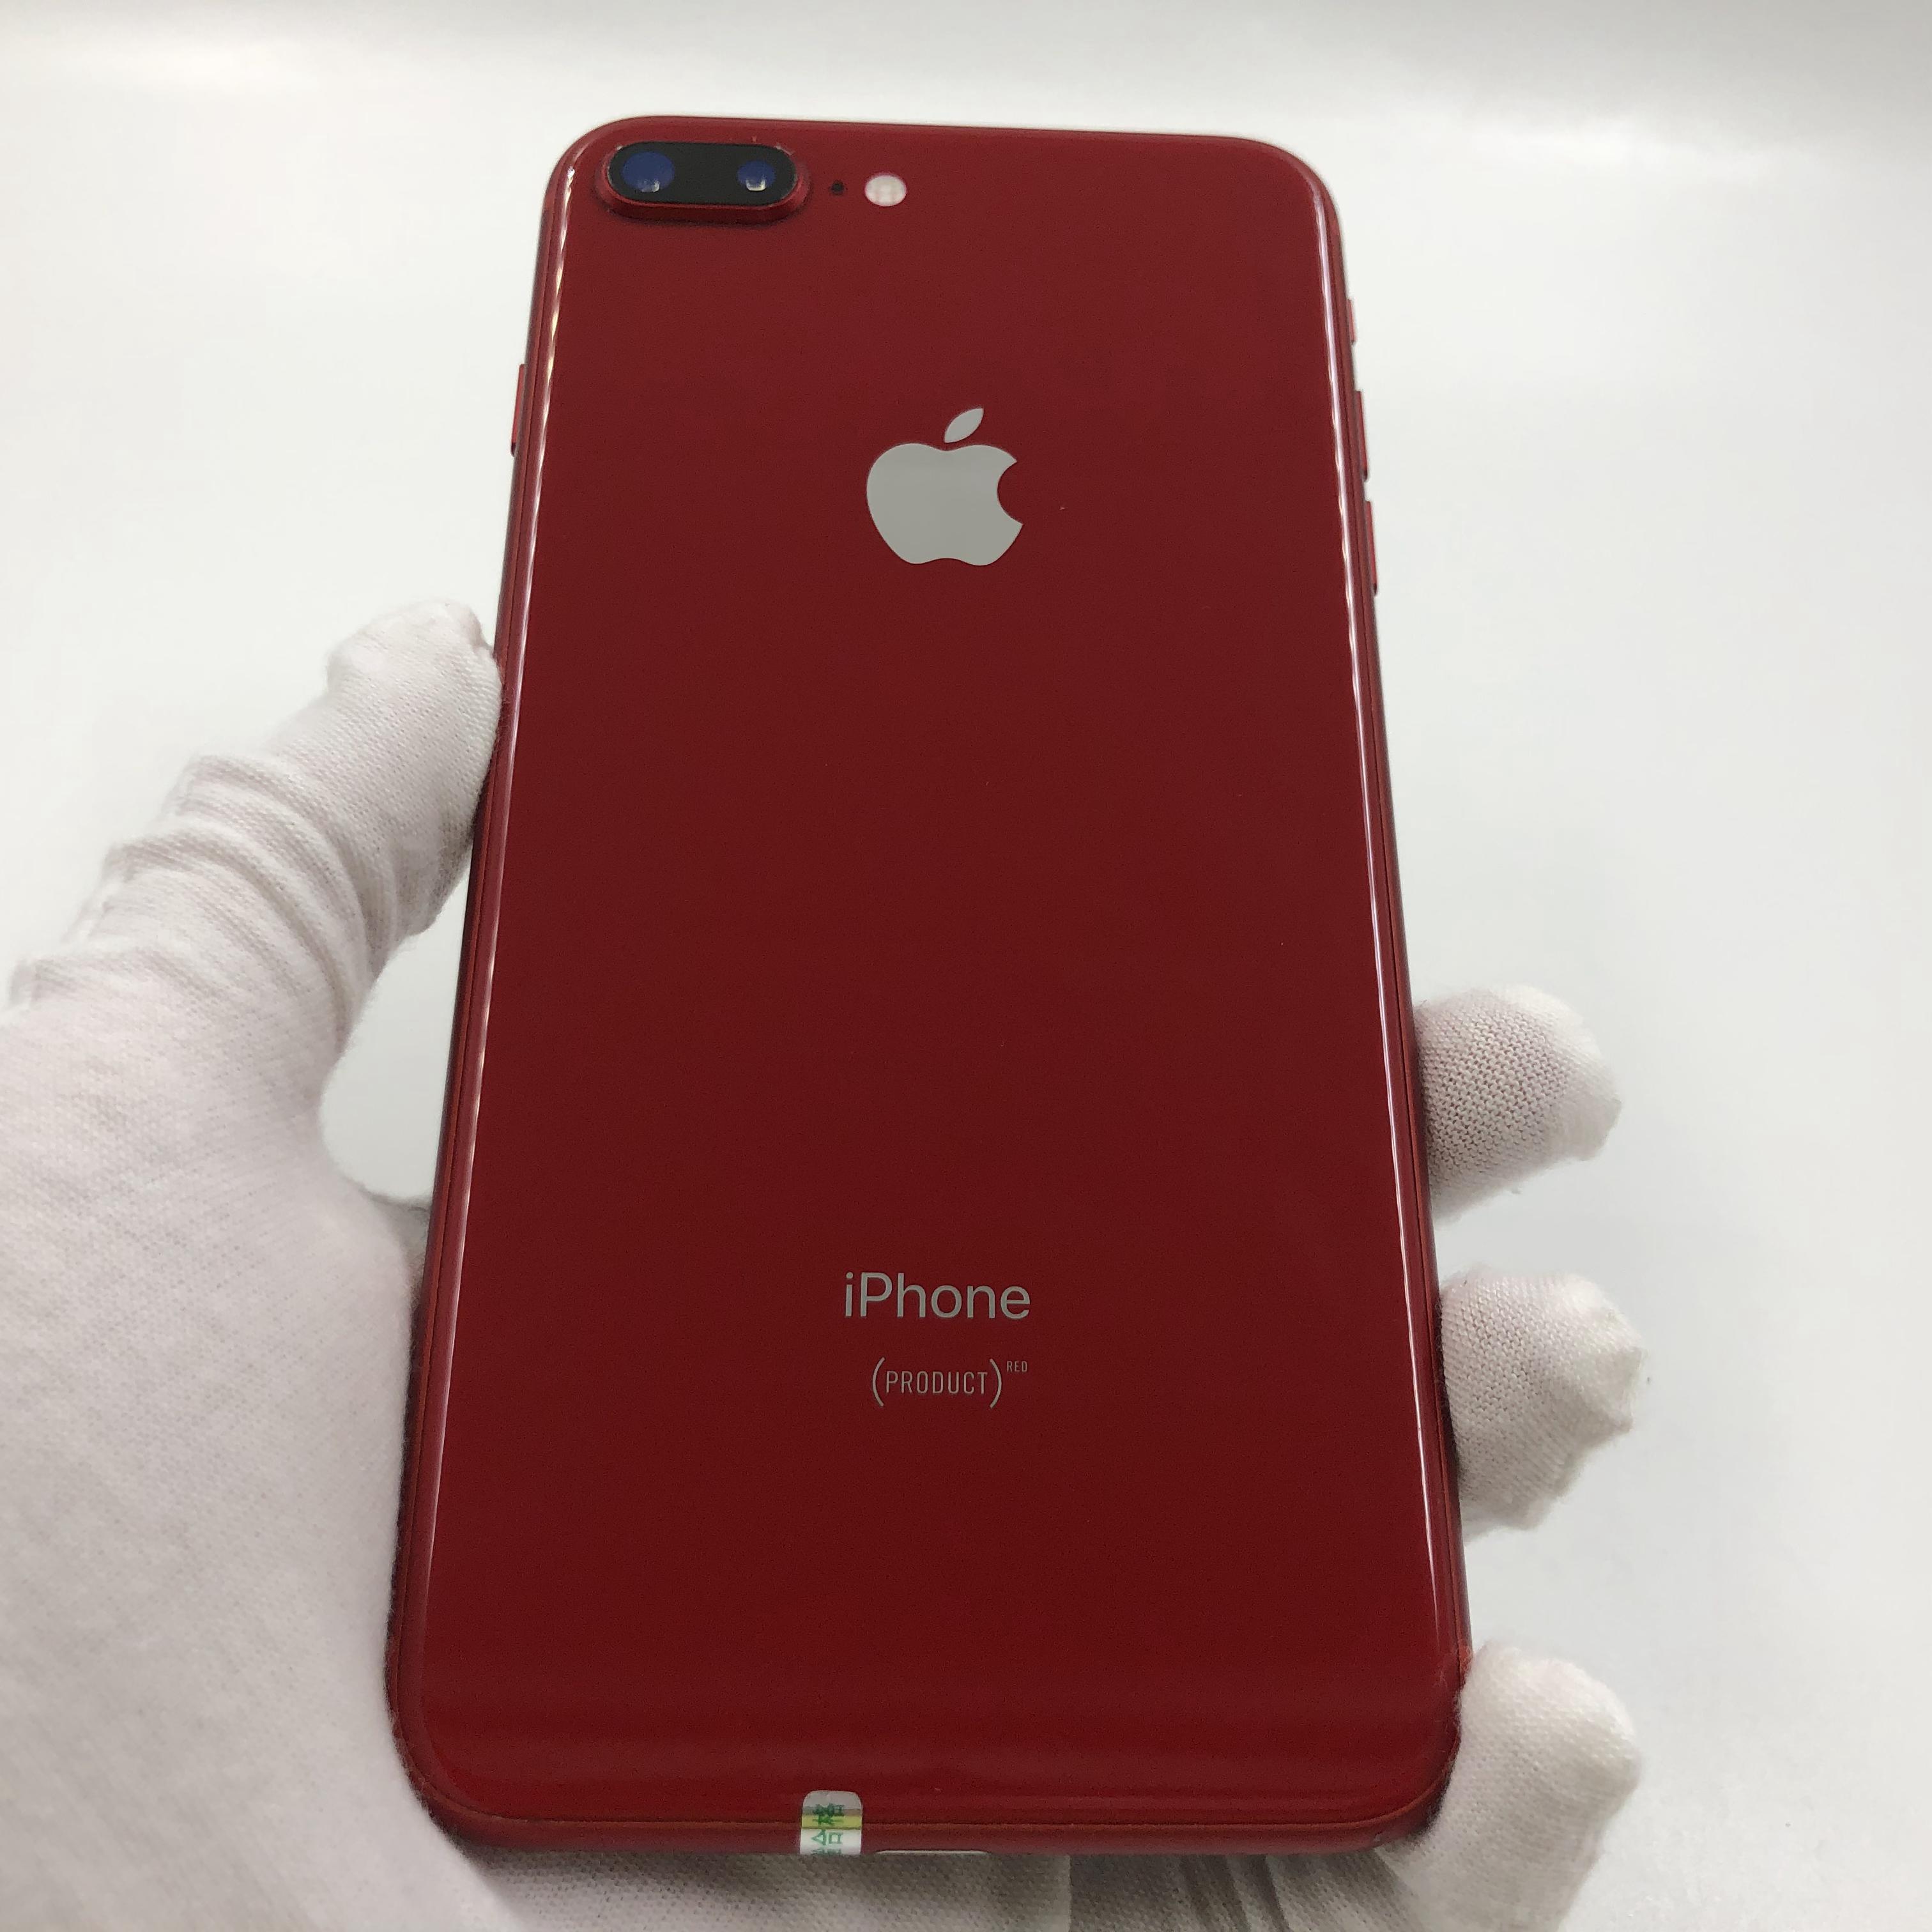 苹果【iPhone 8 Plus】4G全网通 红色 64G 国行 8成新 真机实拍